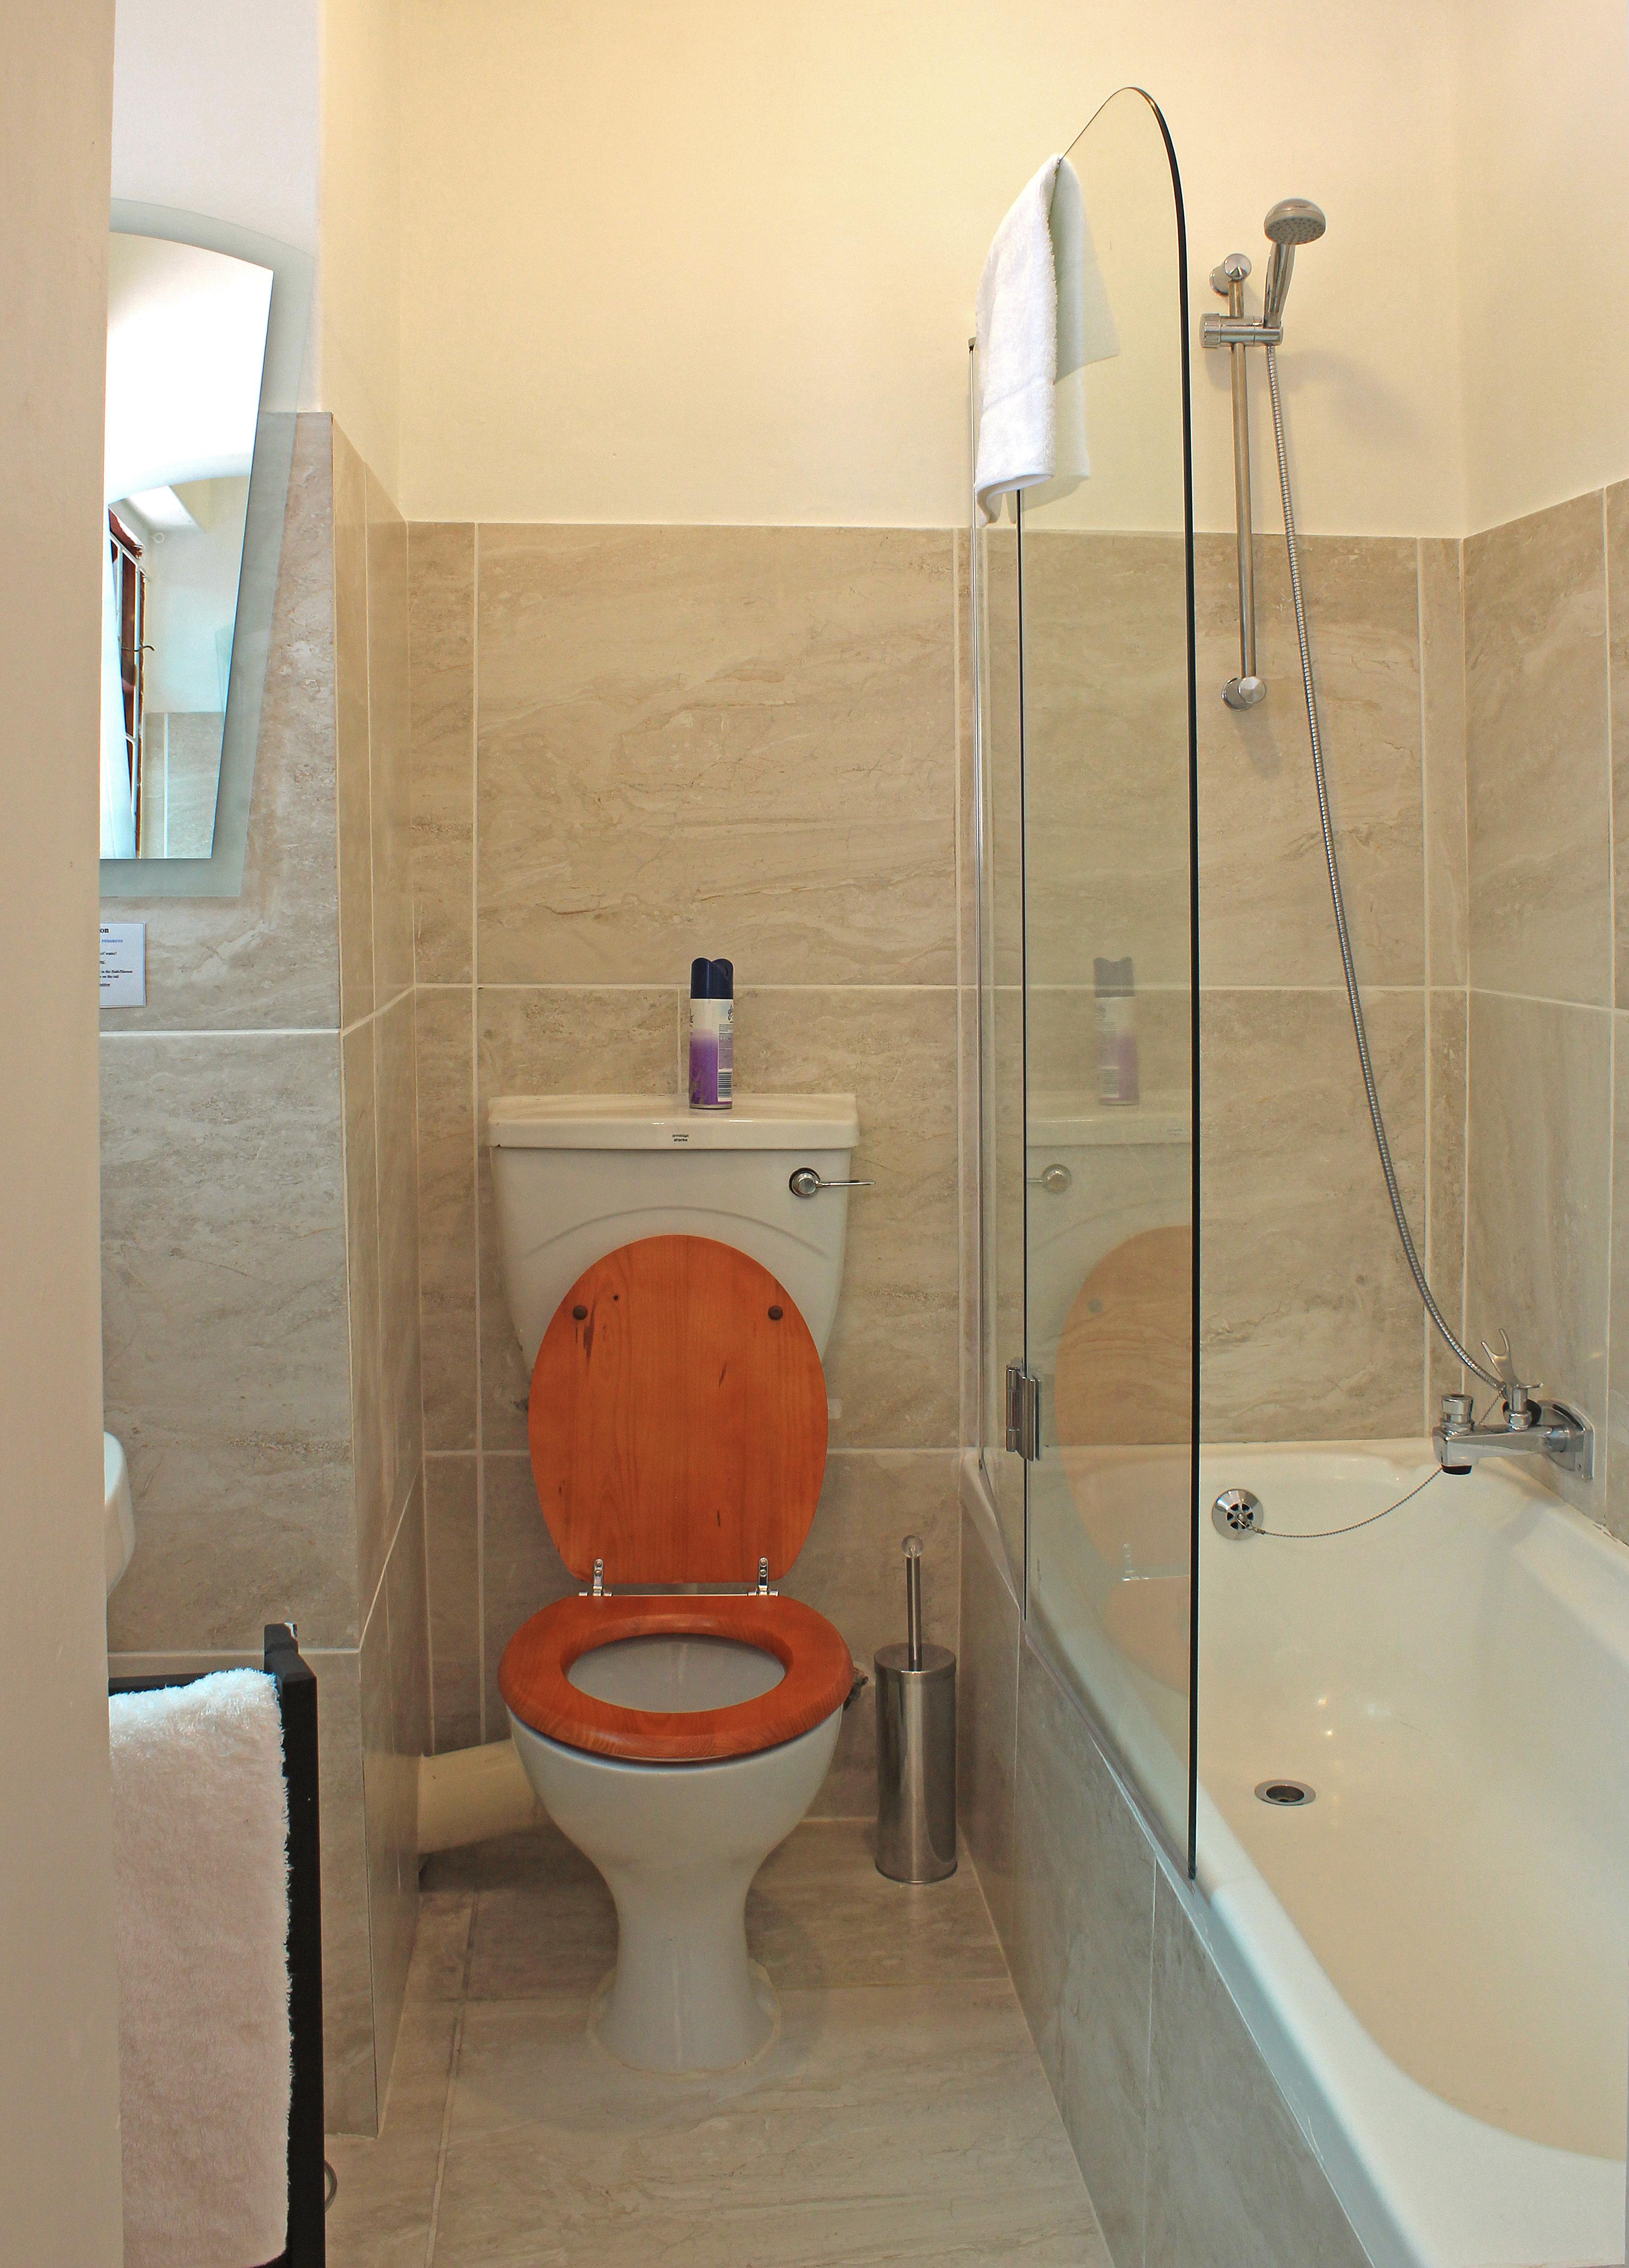 22 shower over bath tub room - Rosedene